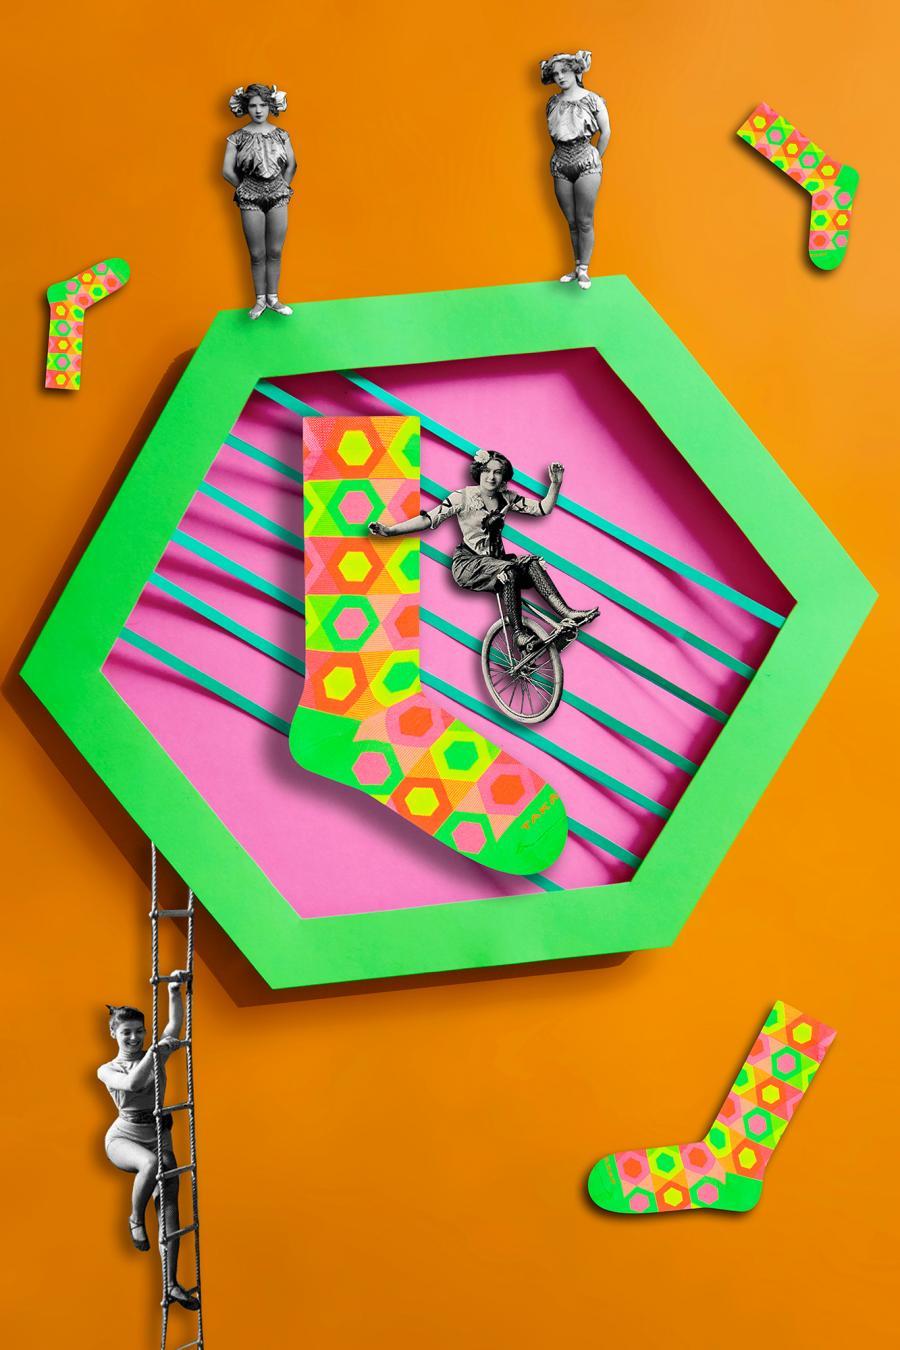 Kolorowe skarpetki - Neonowa 90m1 - Takapara | JestemSlow.pl